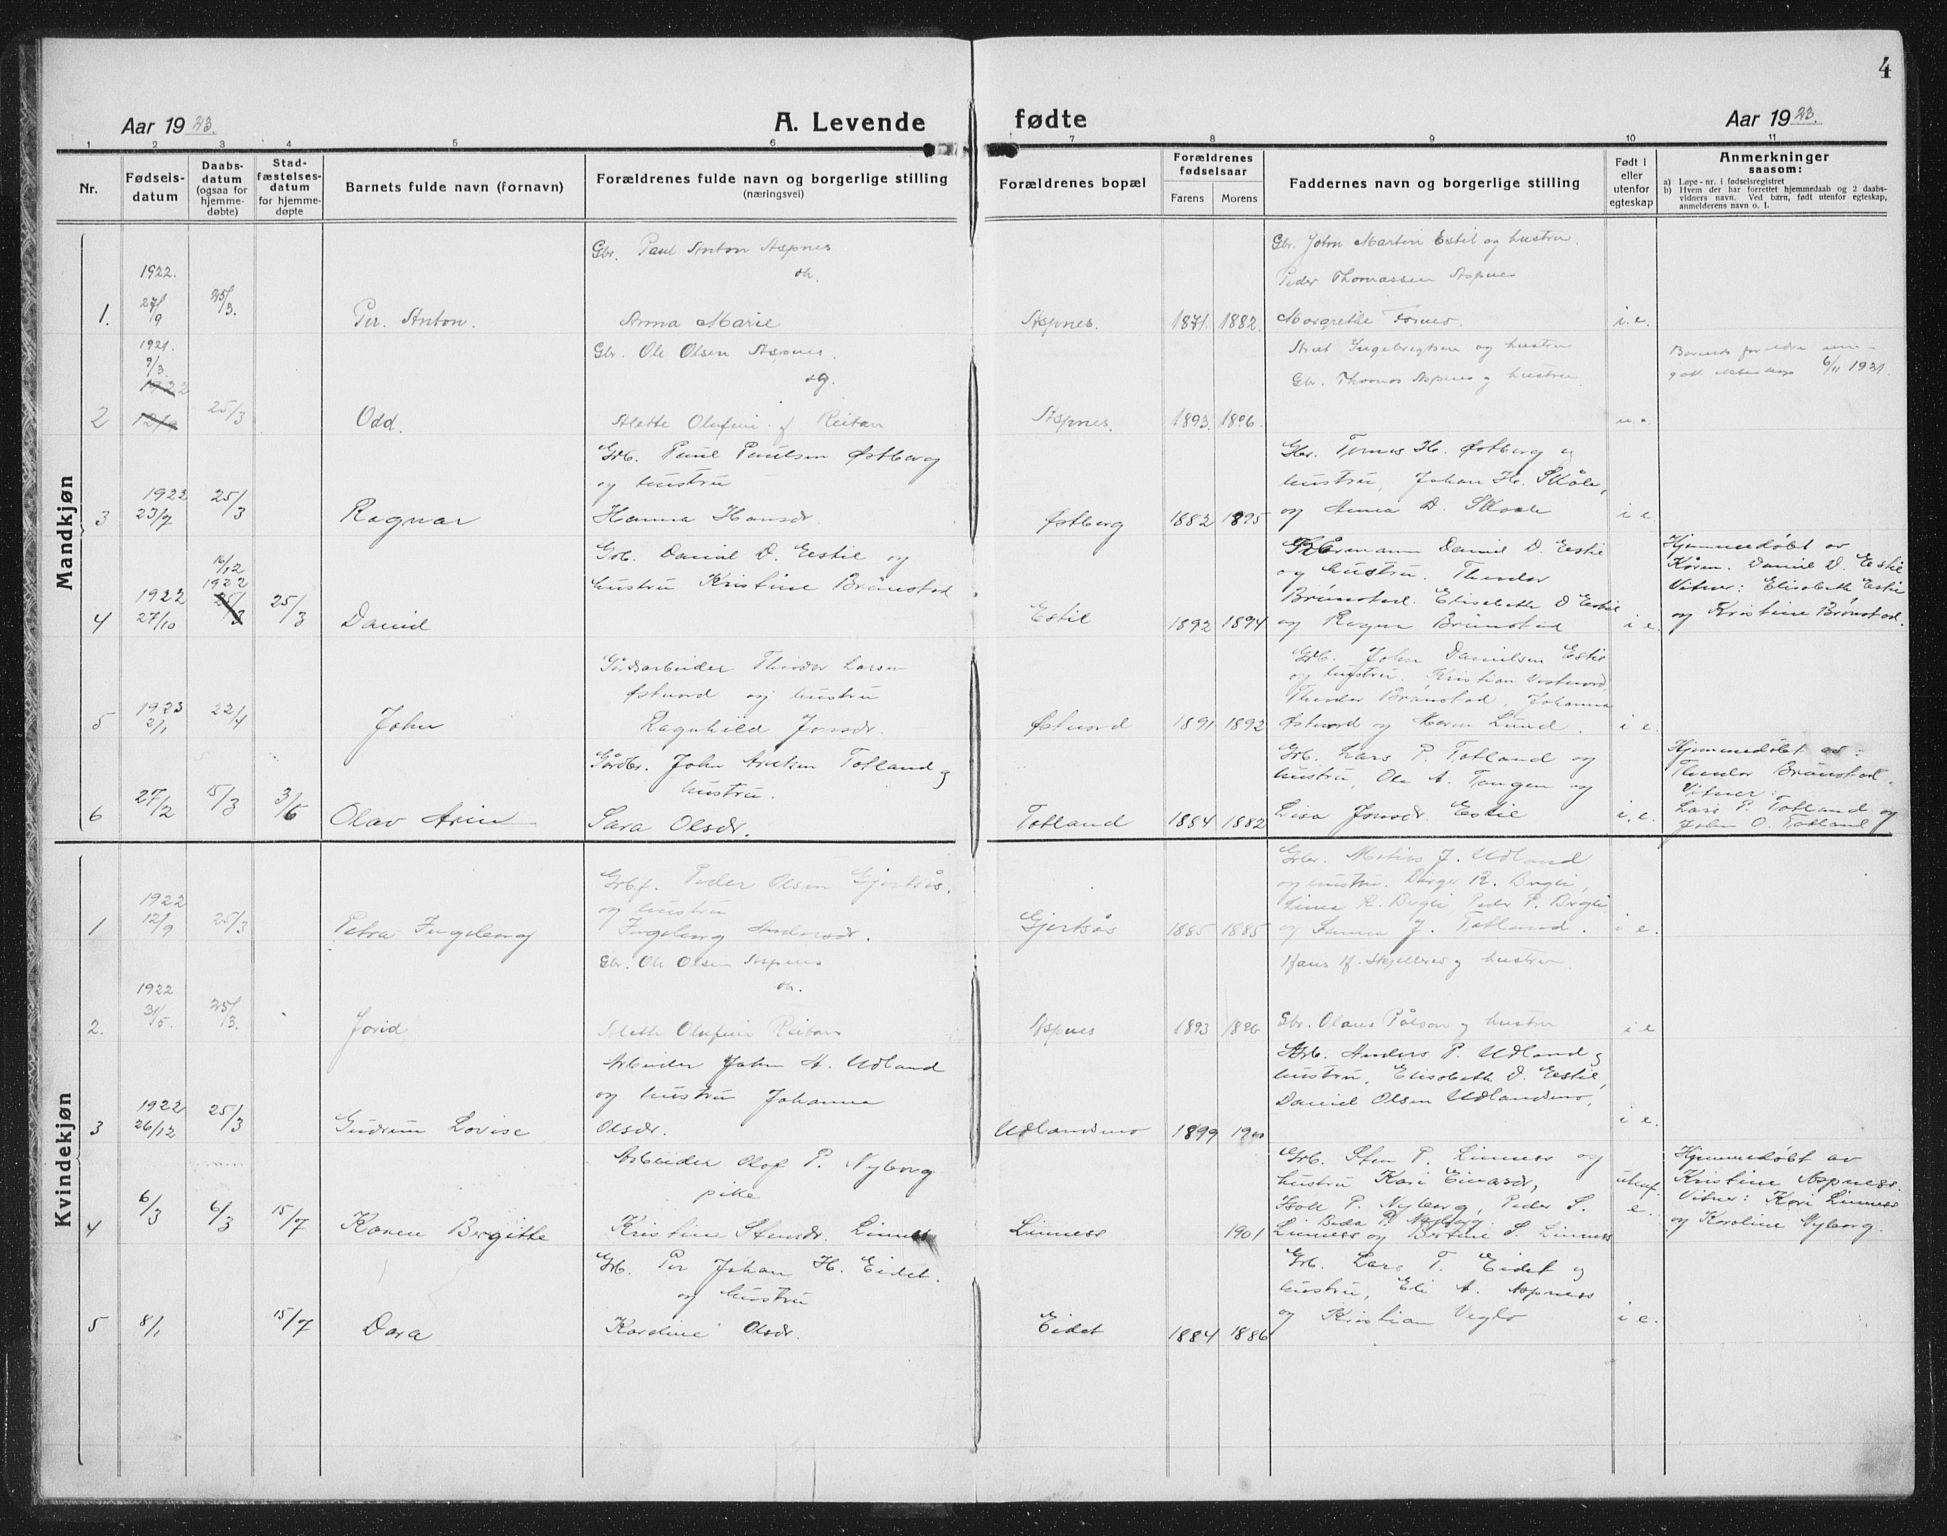 SAT, Ministerialprotokoller, klokkerbøker og fødselsregistre - Nord-Trøndelag, 757/L0507: Klokkerbok nr. 757C02, 1923-1939, s. 4